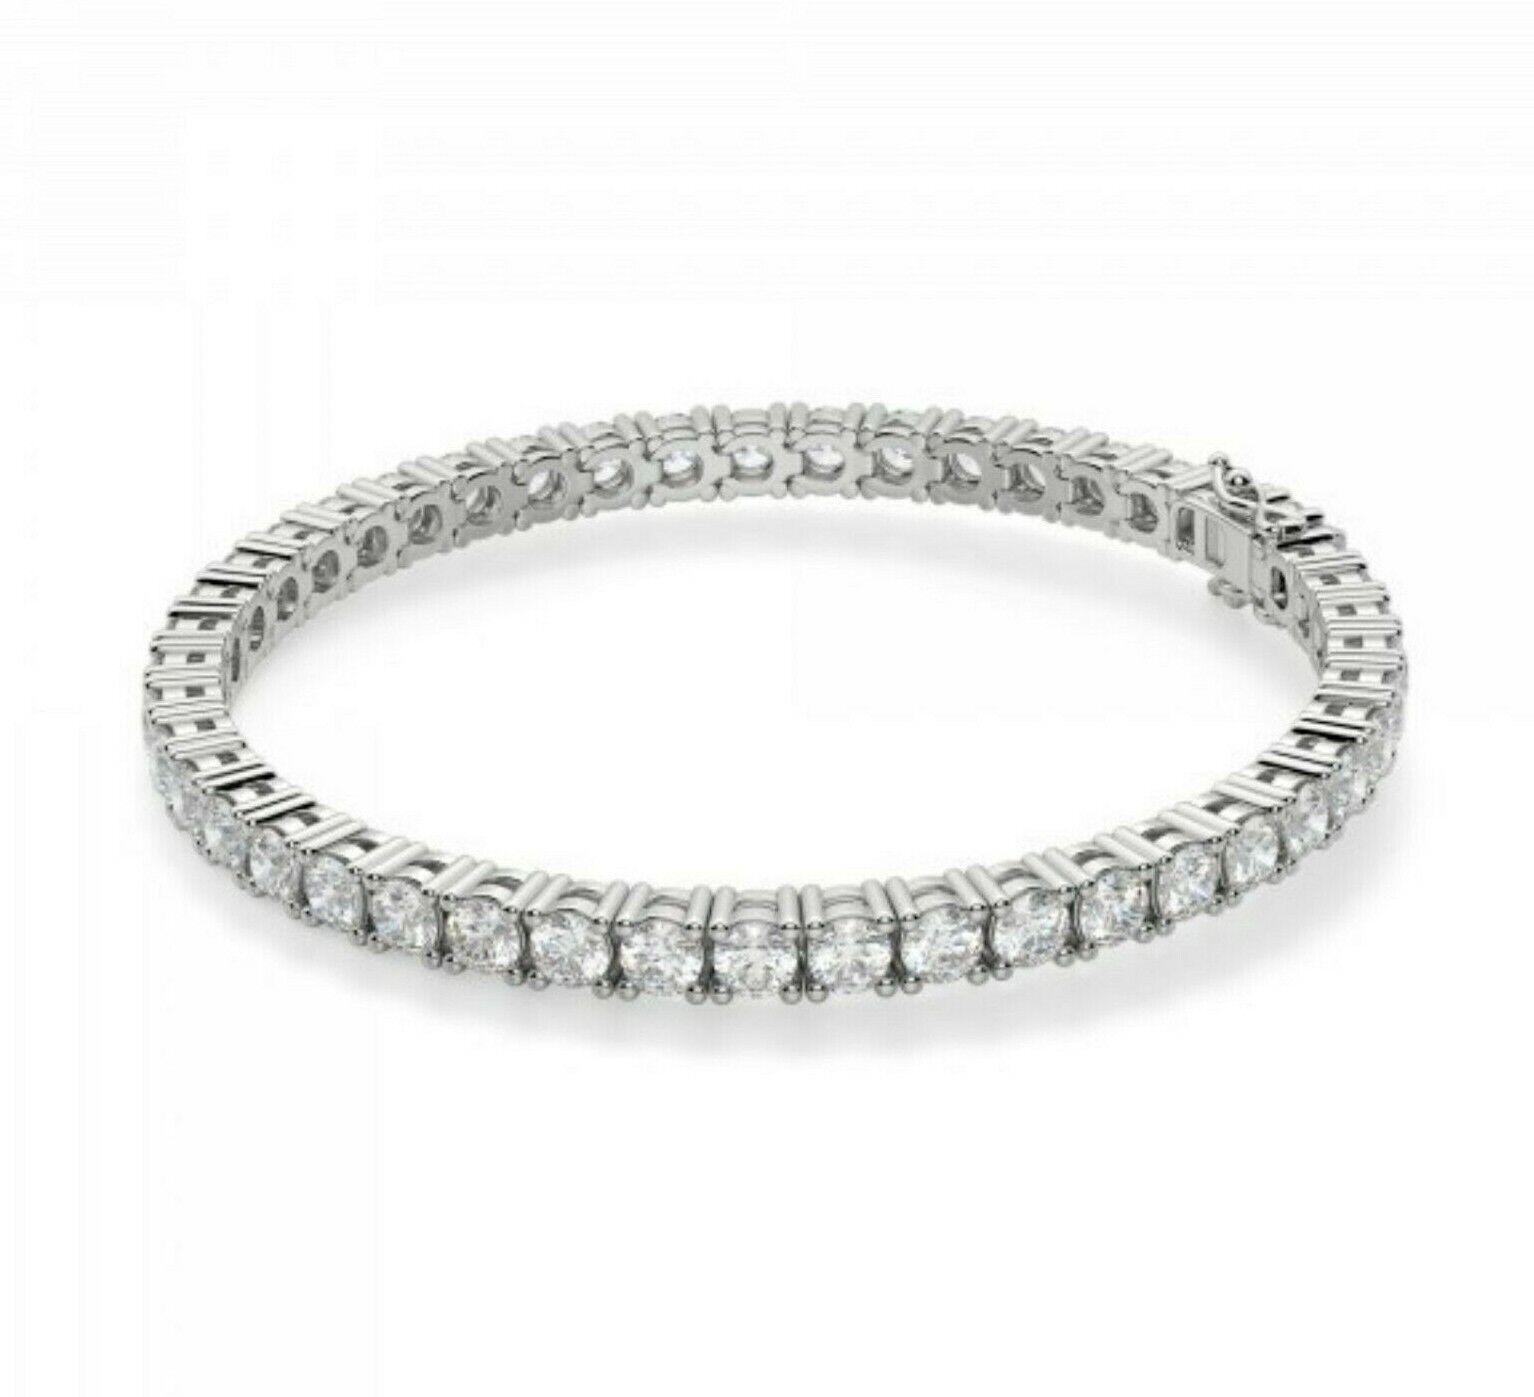 20 Ct Diamond Tennis Bracelet for Women Men in 14k White Gold Over Diamonds